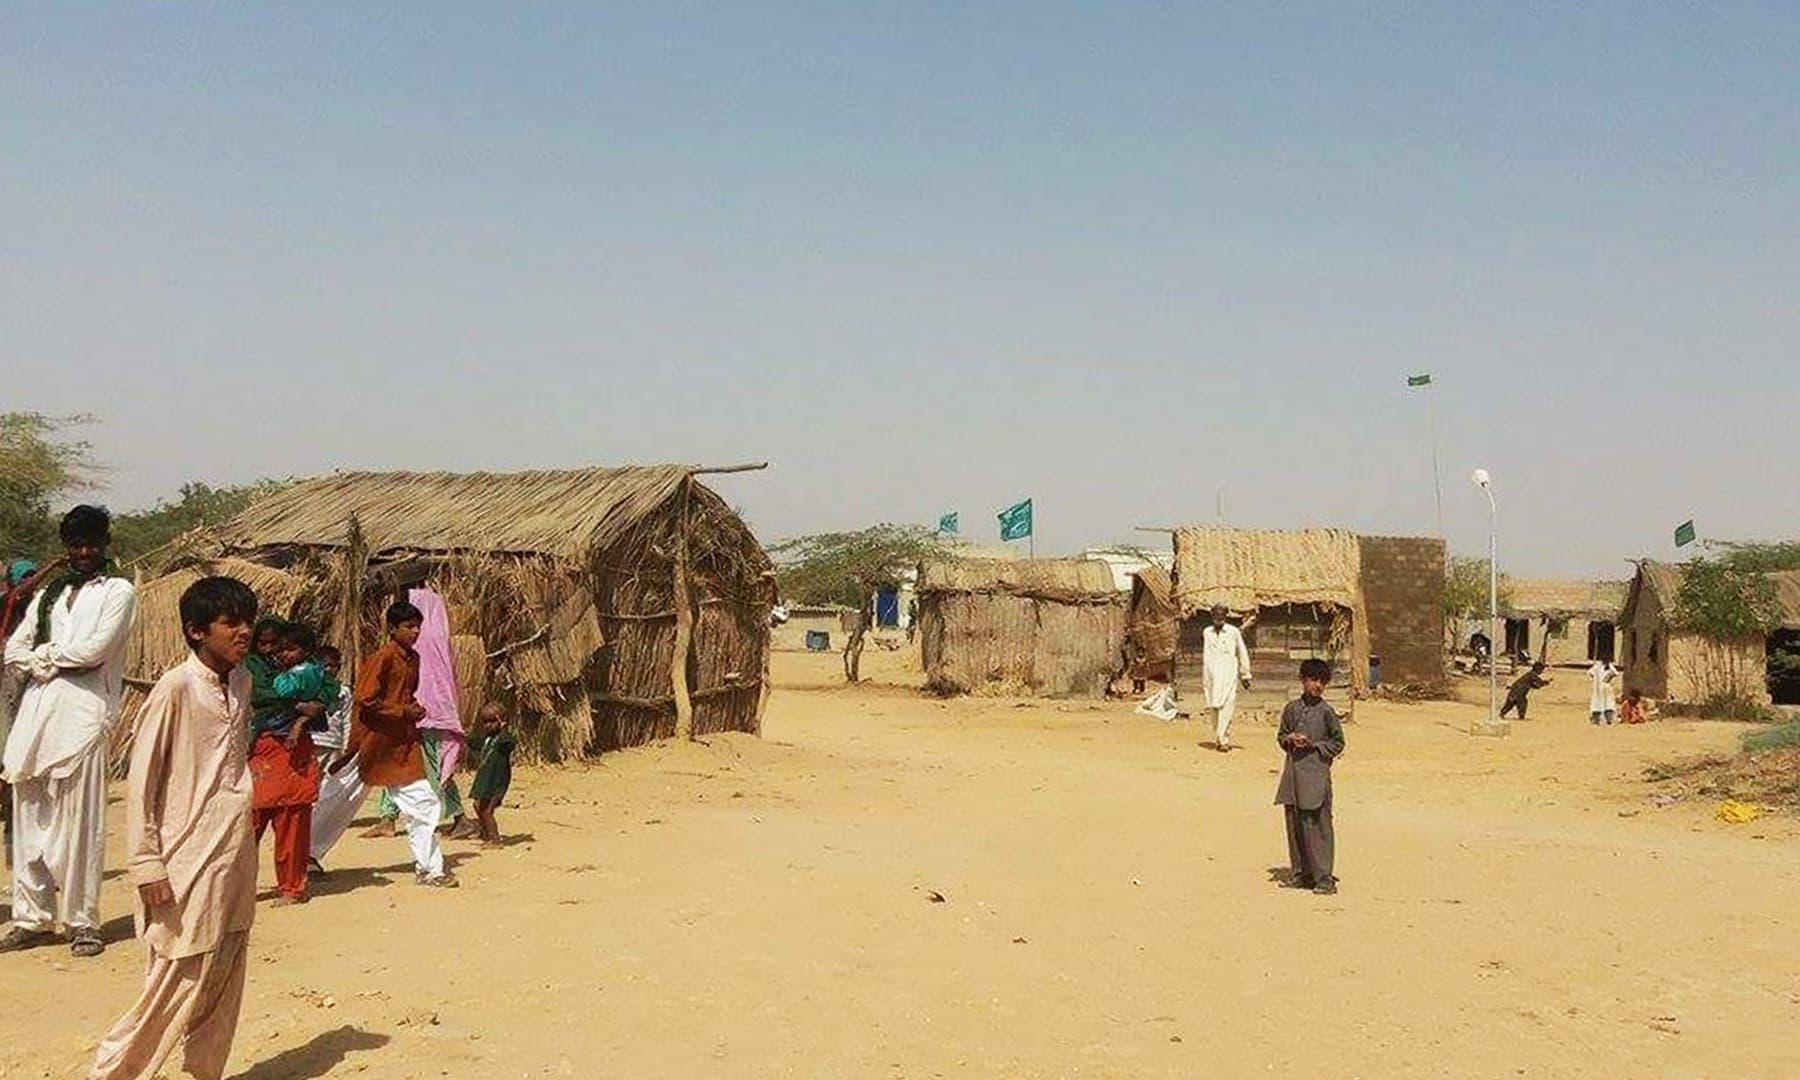 ضلع گھارو کا گاؤں بچو کولہی—تصویر شبینہ فراز